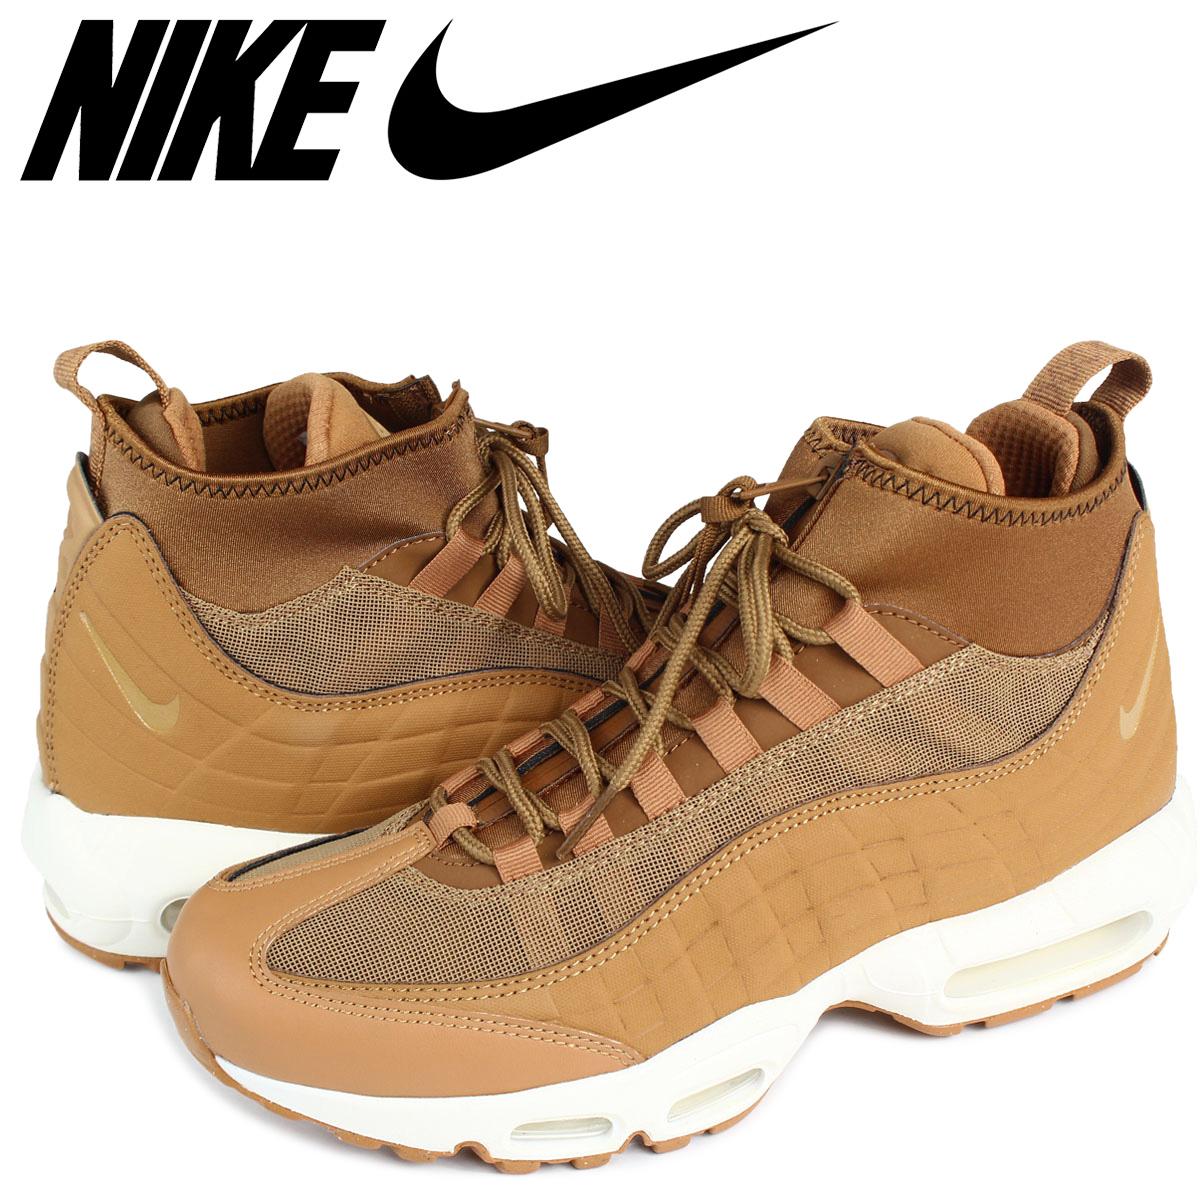 d9ab0ee5e2c9 SneaK Online Shop  Nike NIKE Air Max 95 sneakers men AIR MAX 95 ...